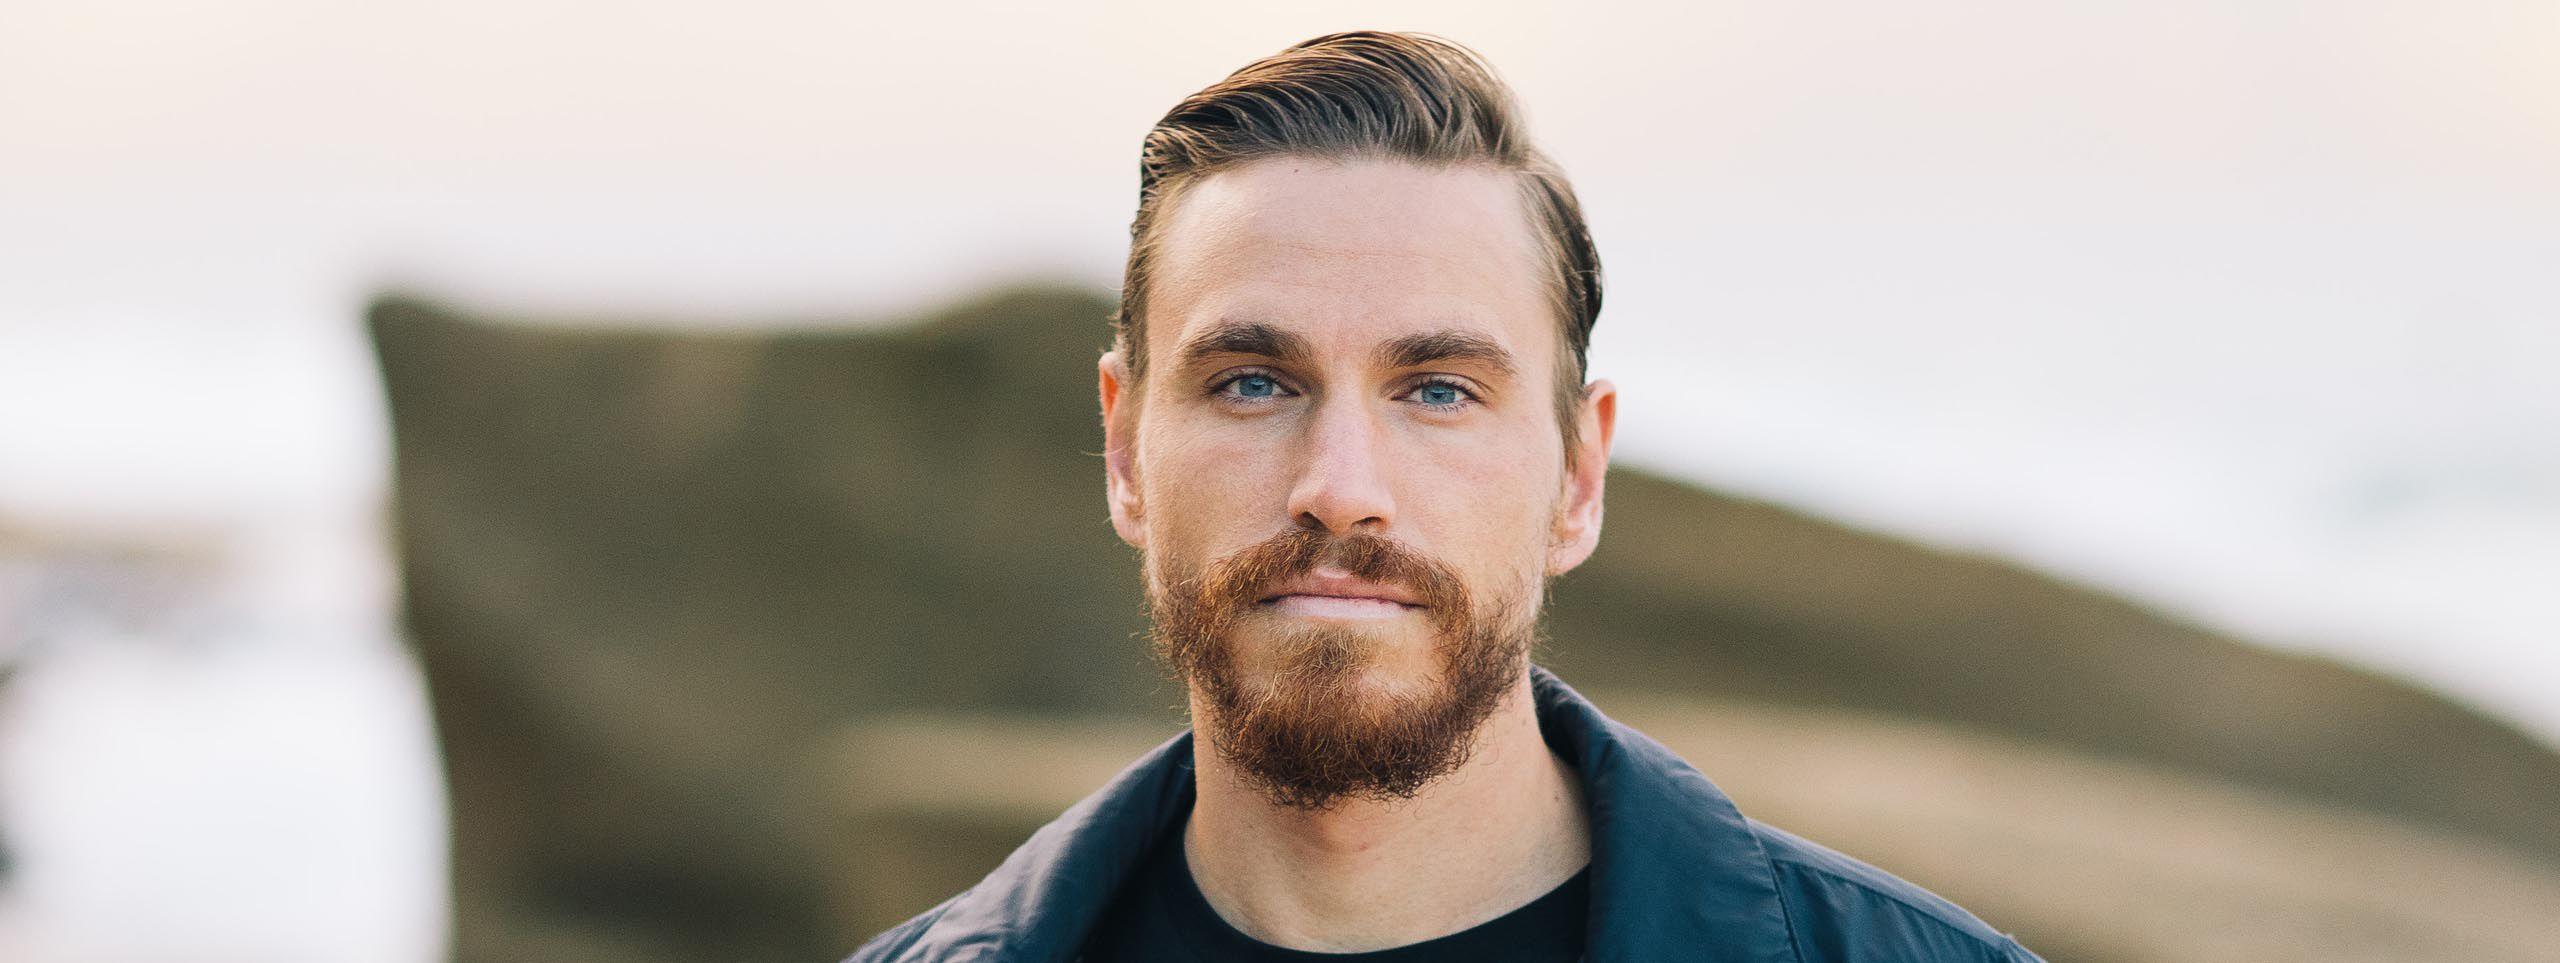 Moški v modri jakni s temno blond lasmi in pet dni staro brado.